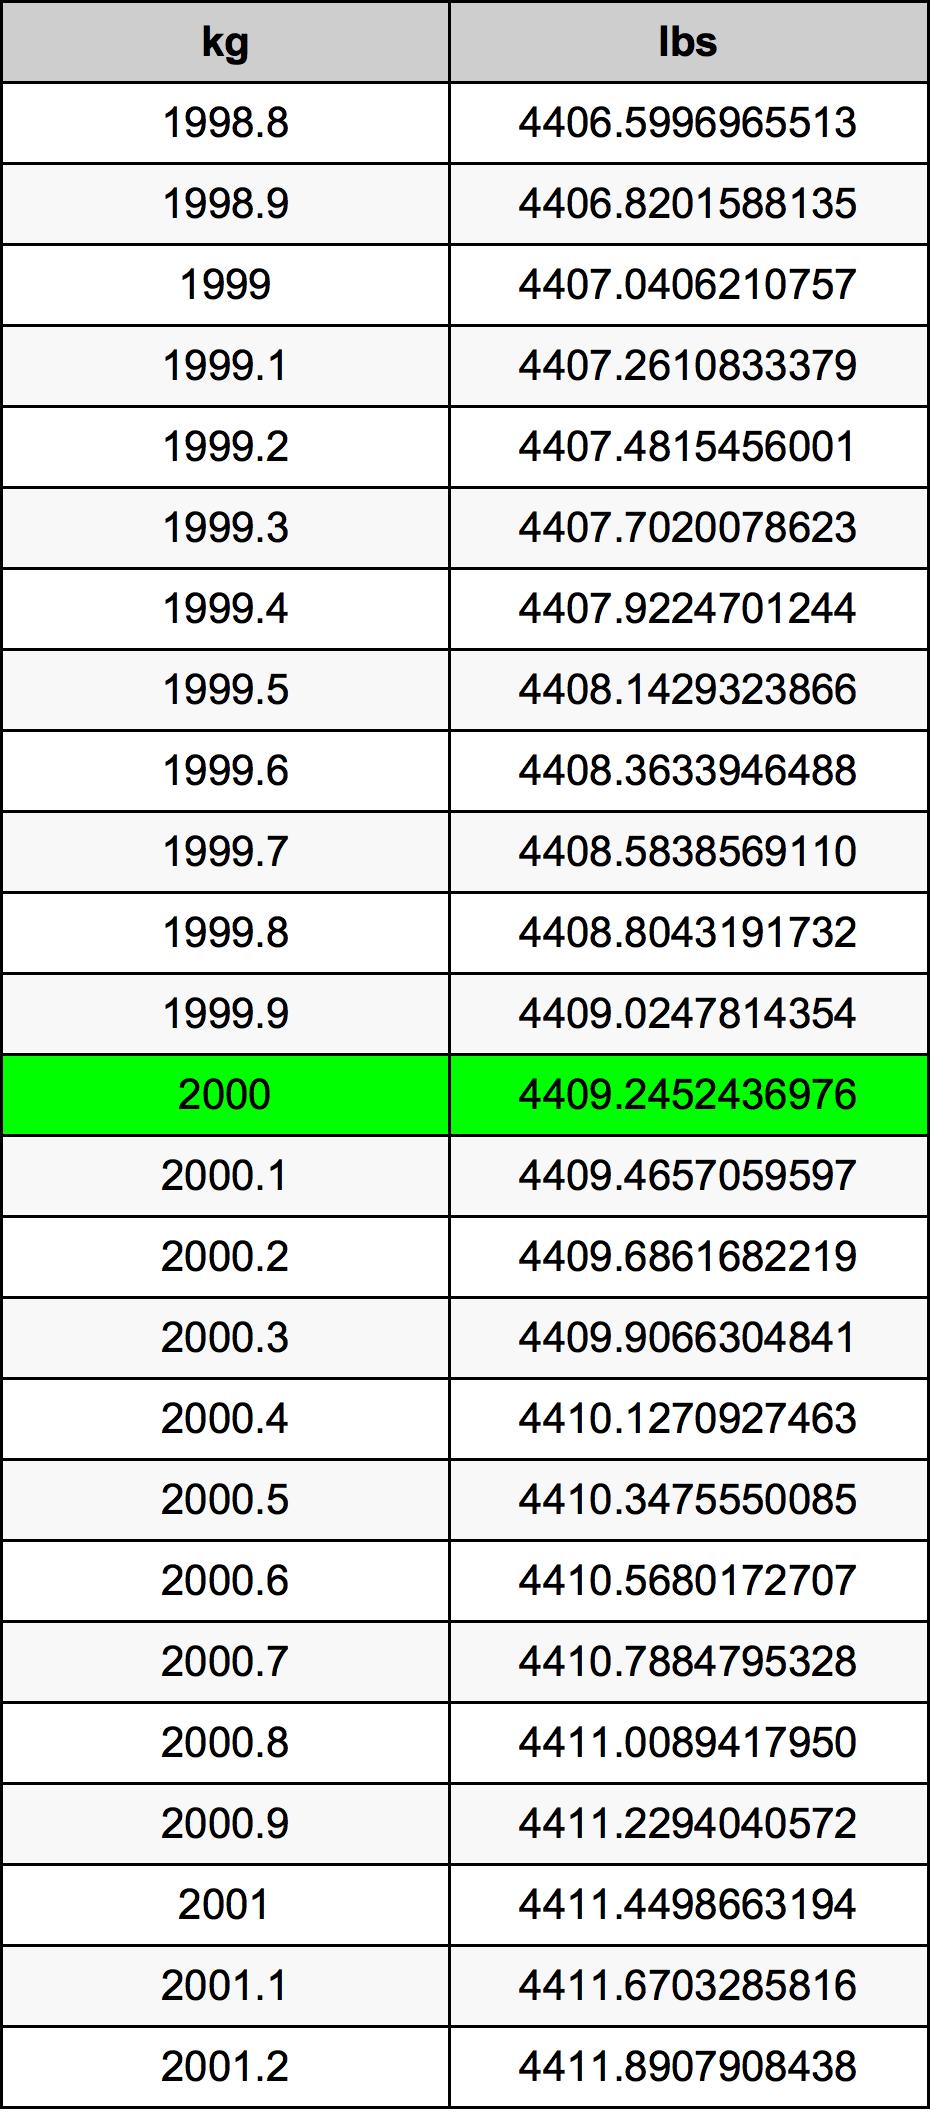 2000 Χιλιόγραμμο Πίνακας Μετατροπής